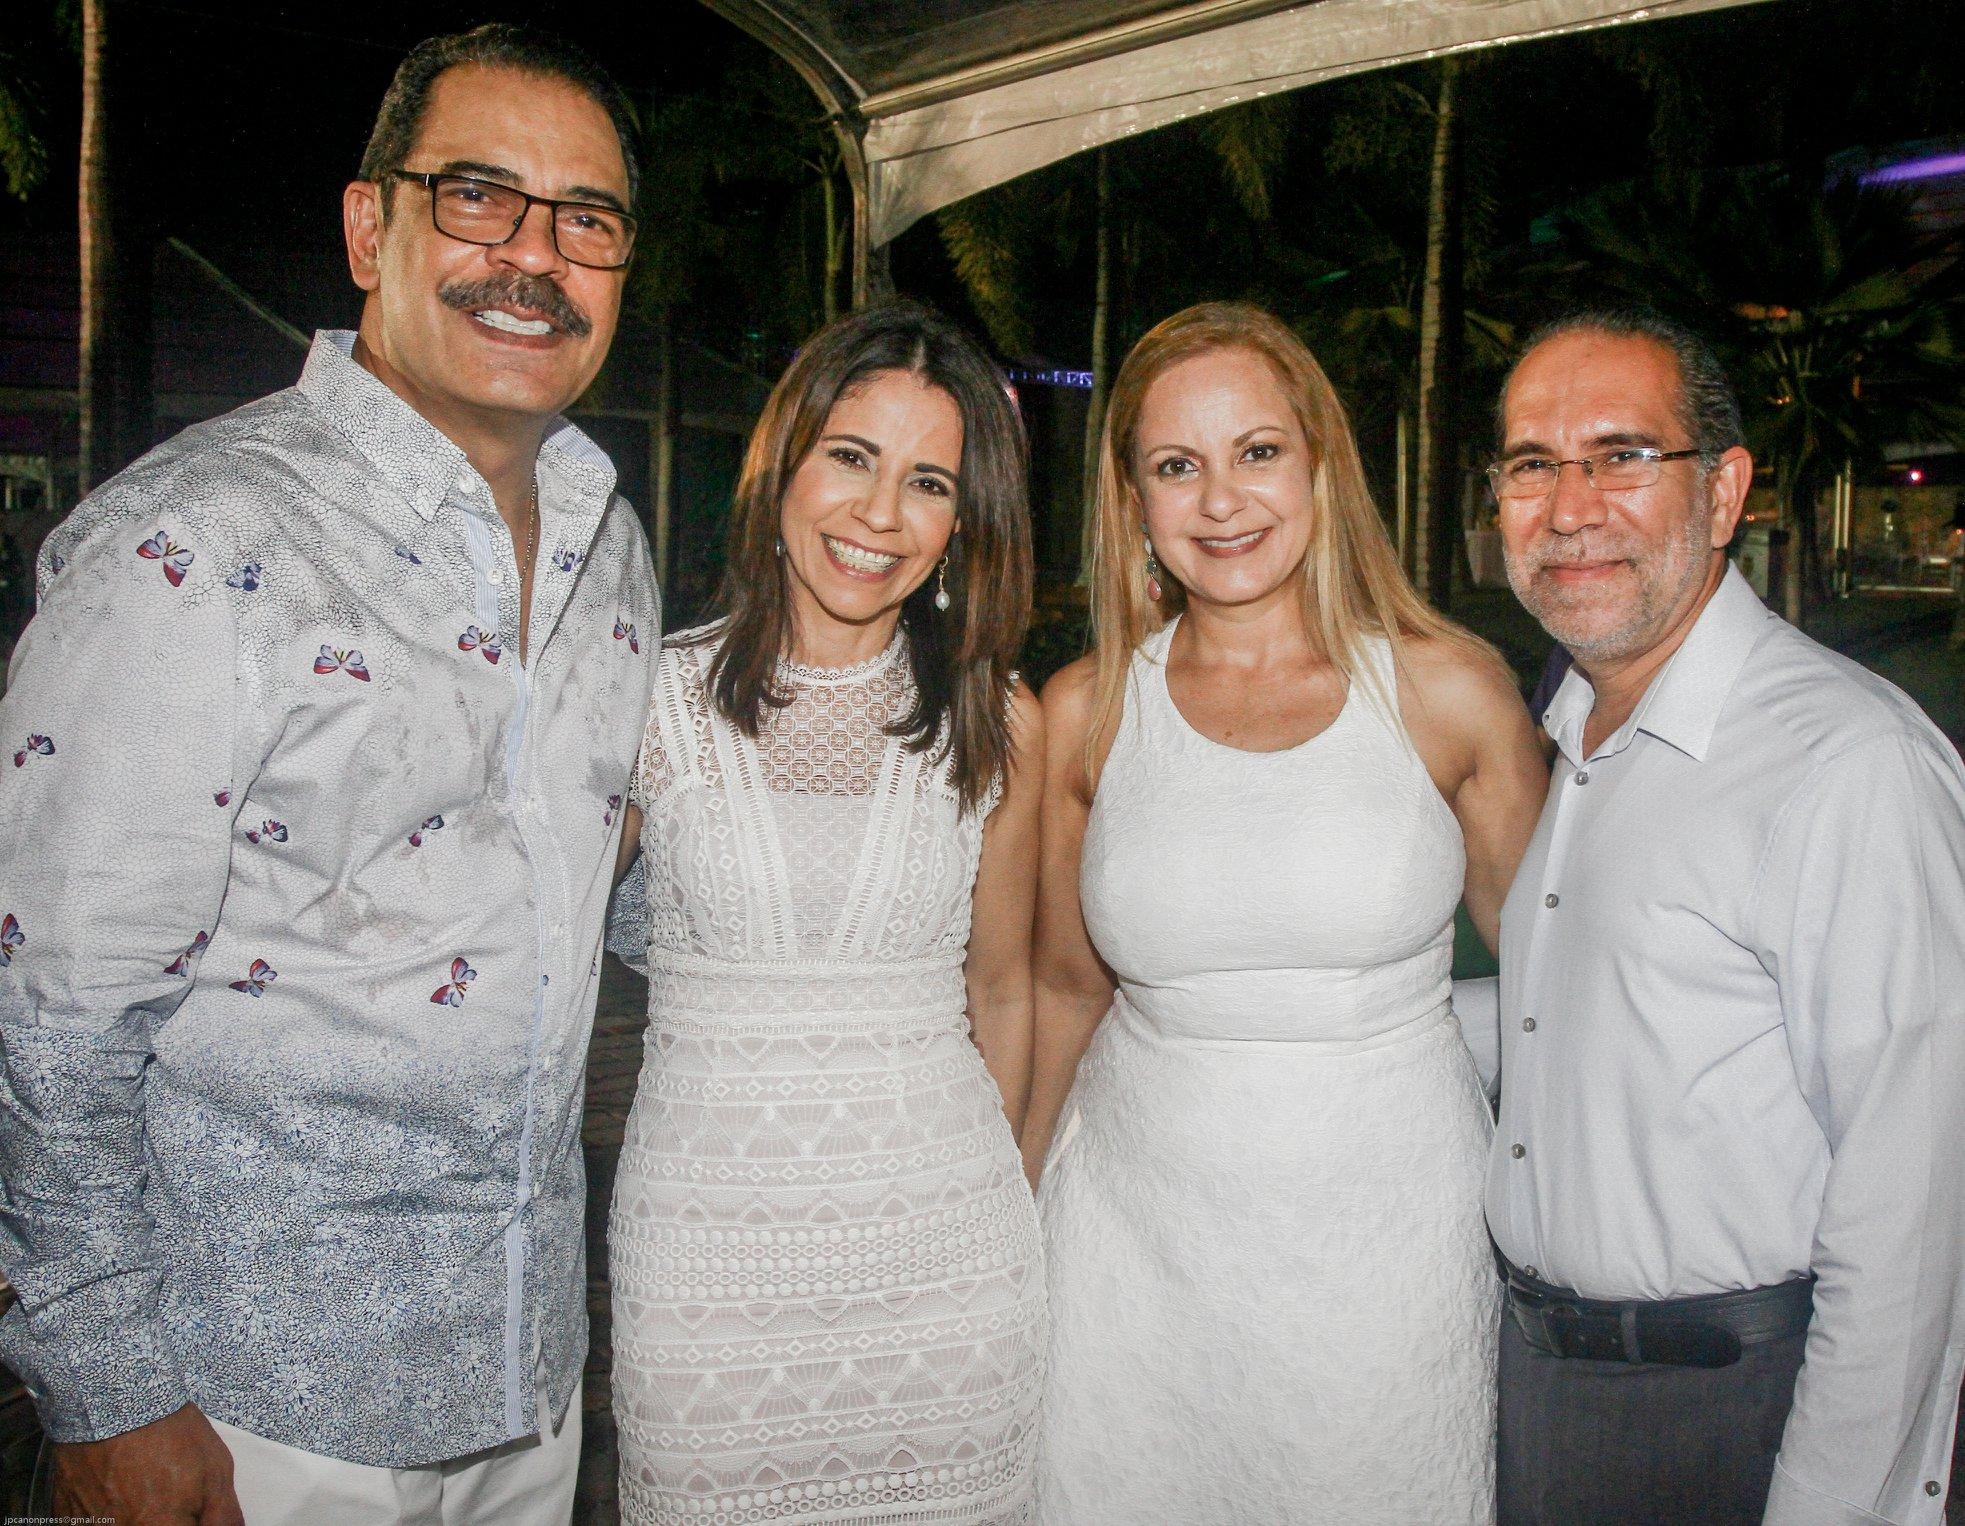 Jose Vega, Bettina Mercado, Elwood Cruz